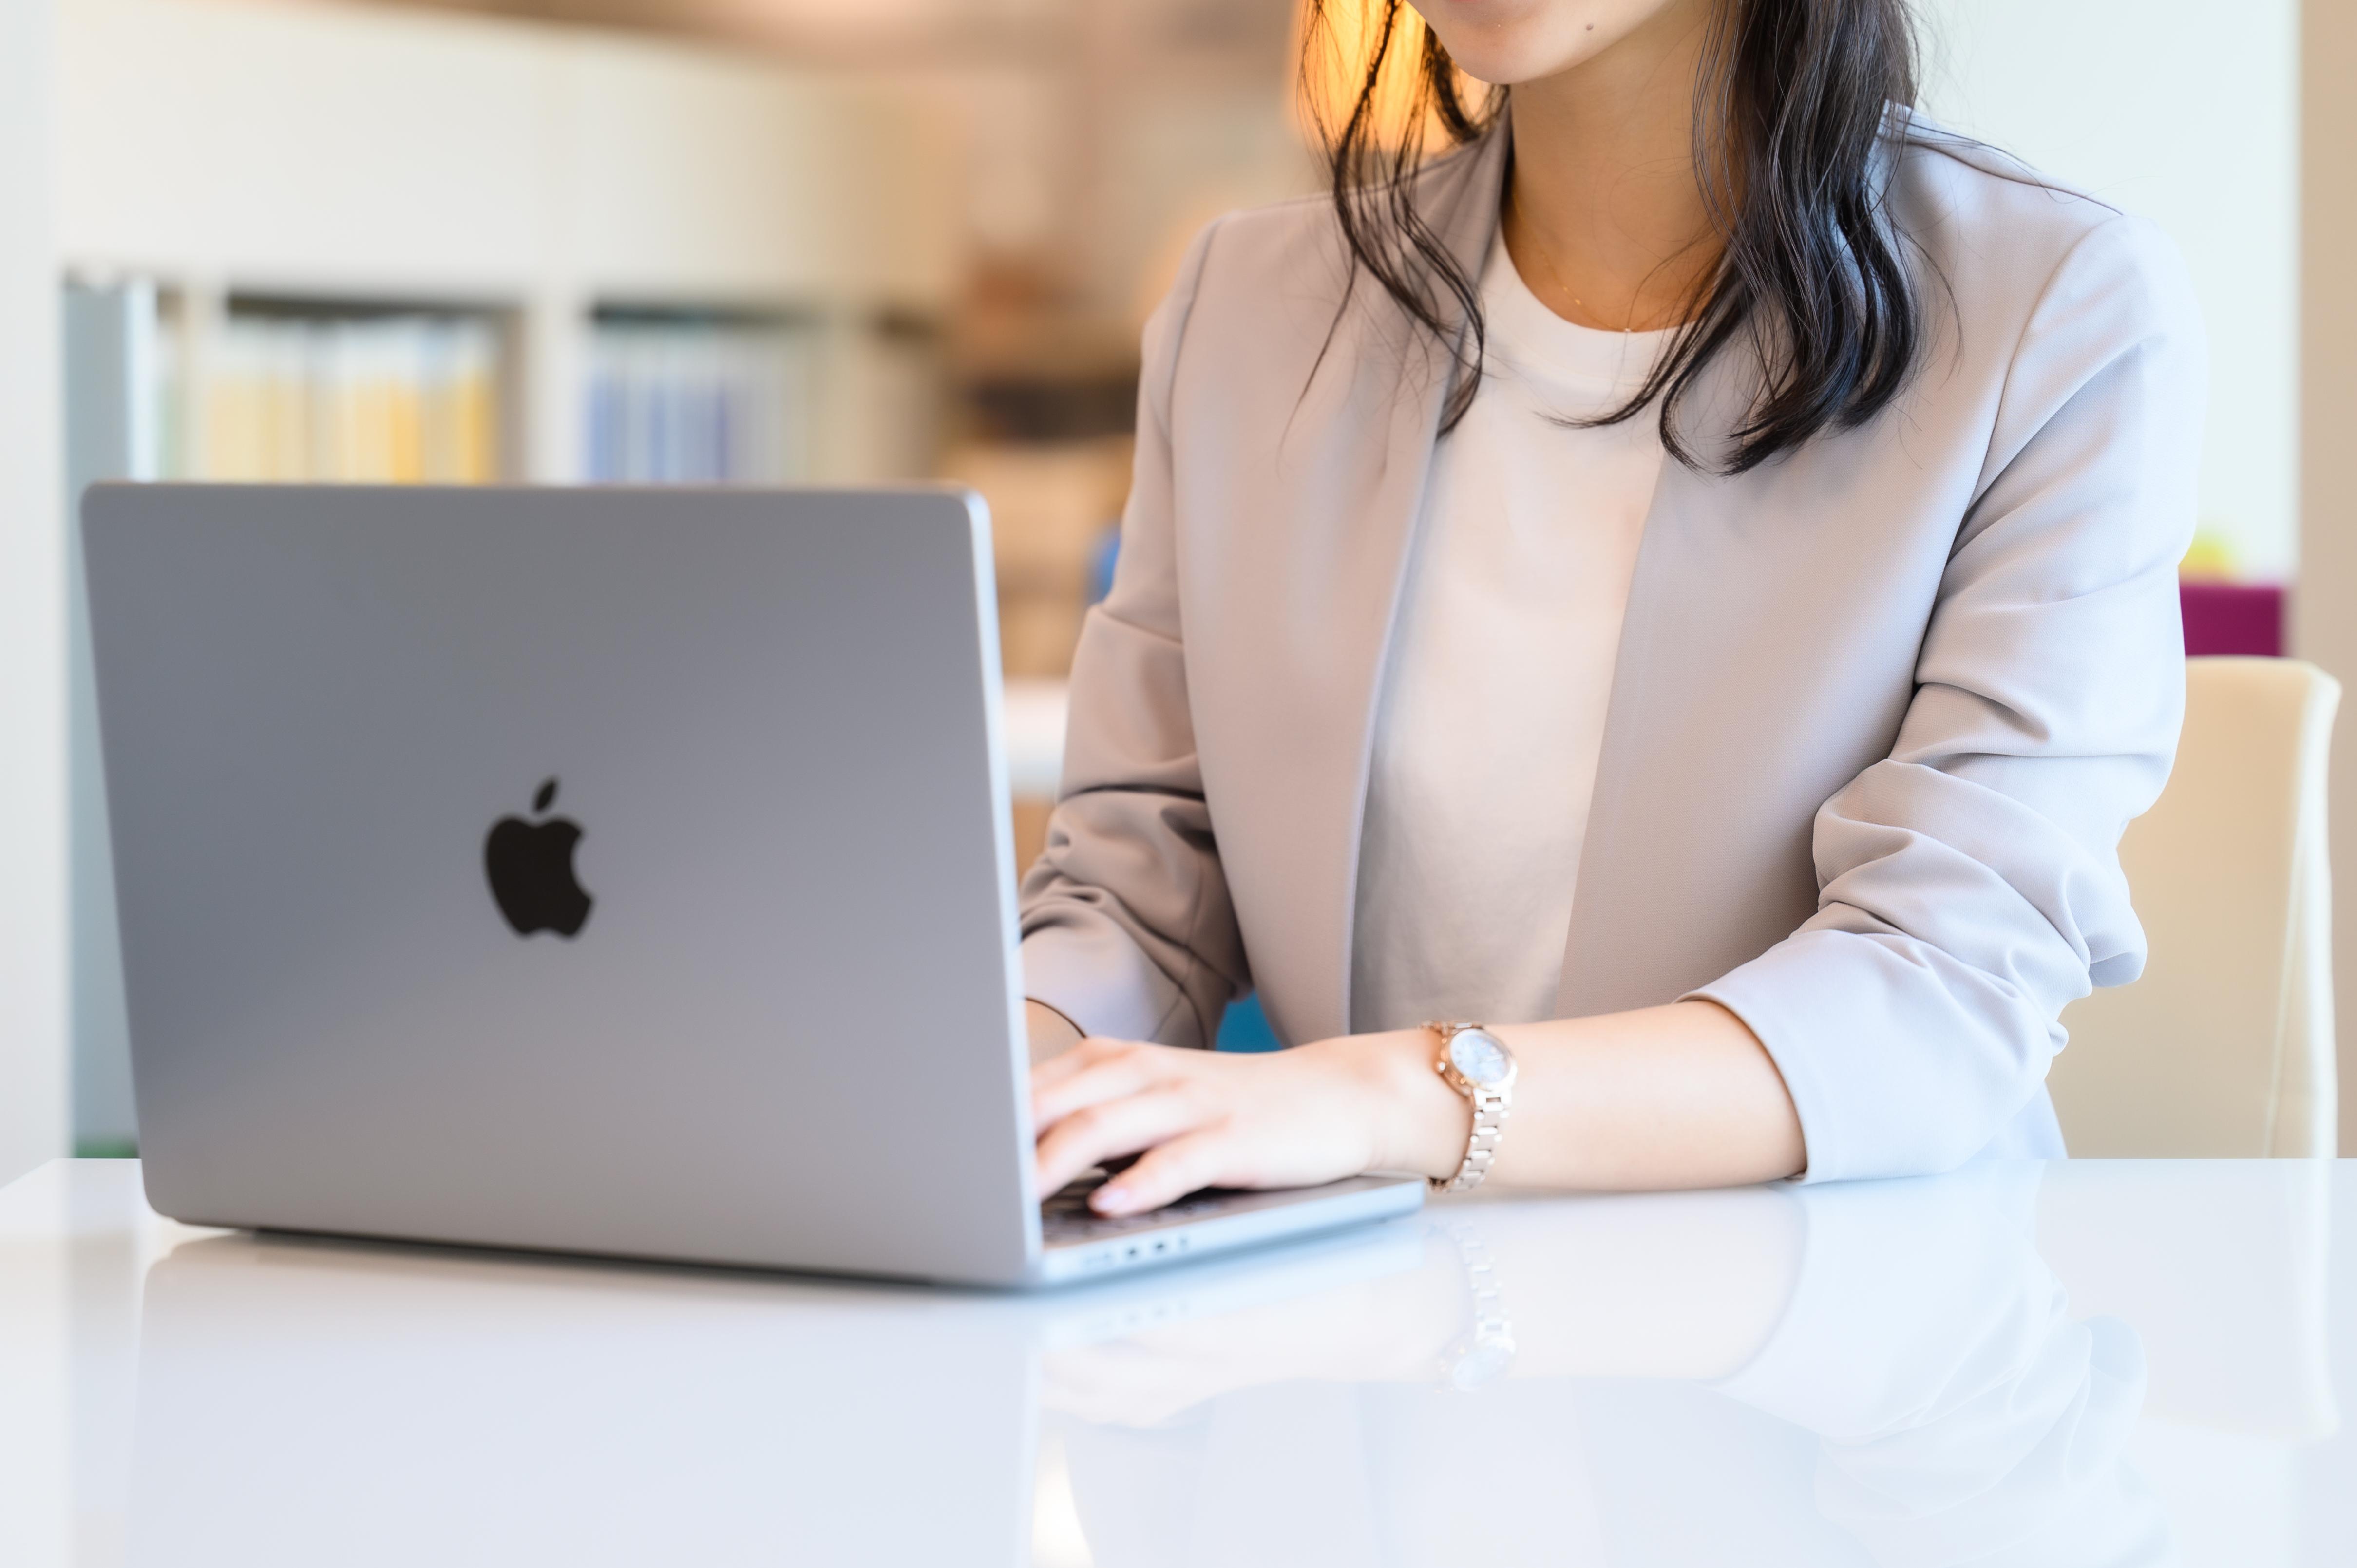 伸栄商事株式会社 | 販売戦略